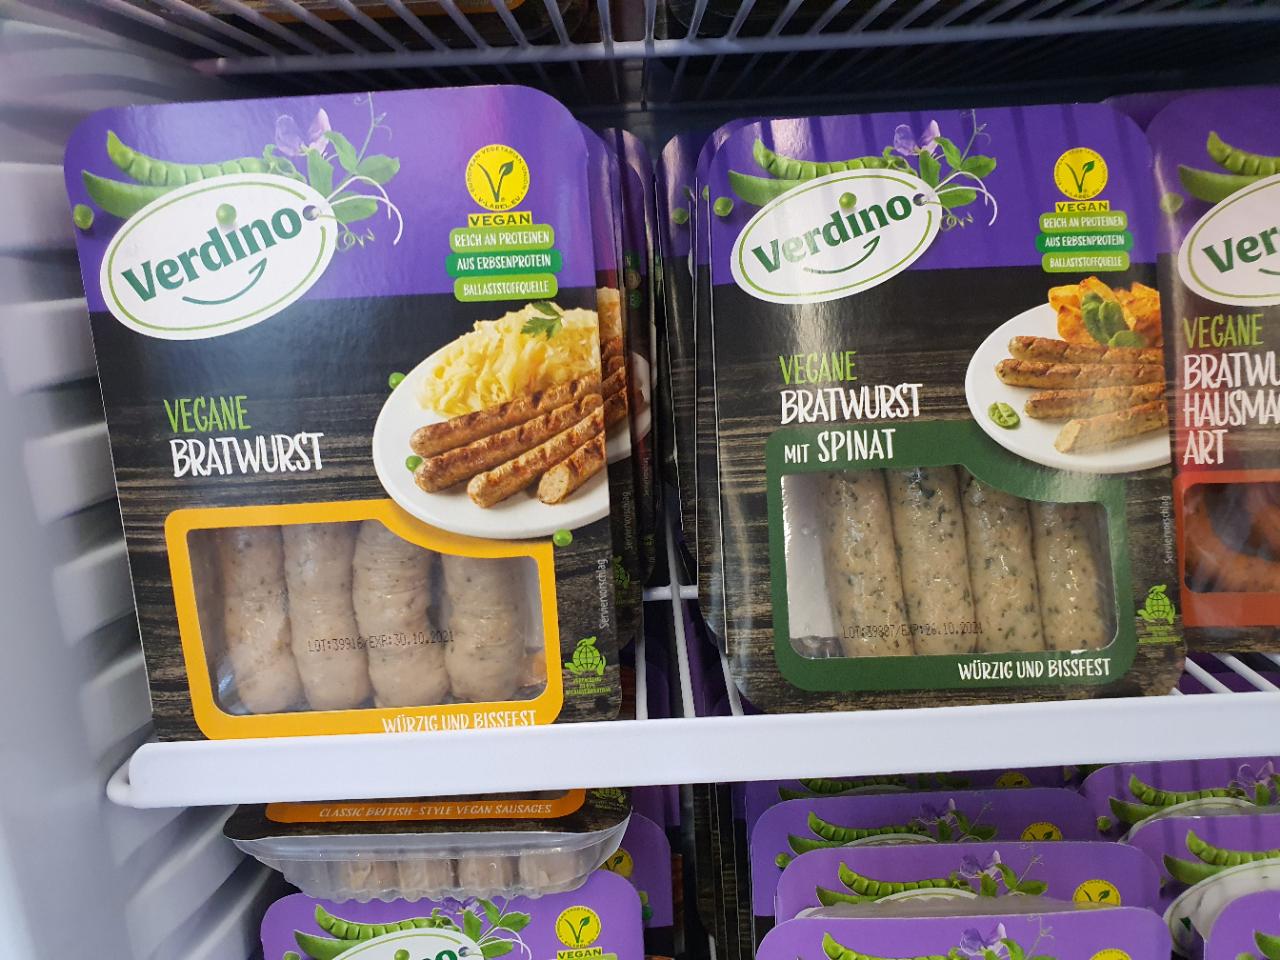 Verdino Green Foods